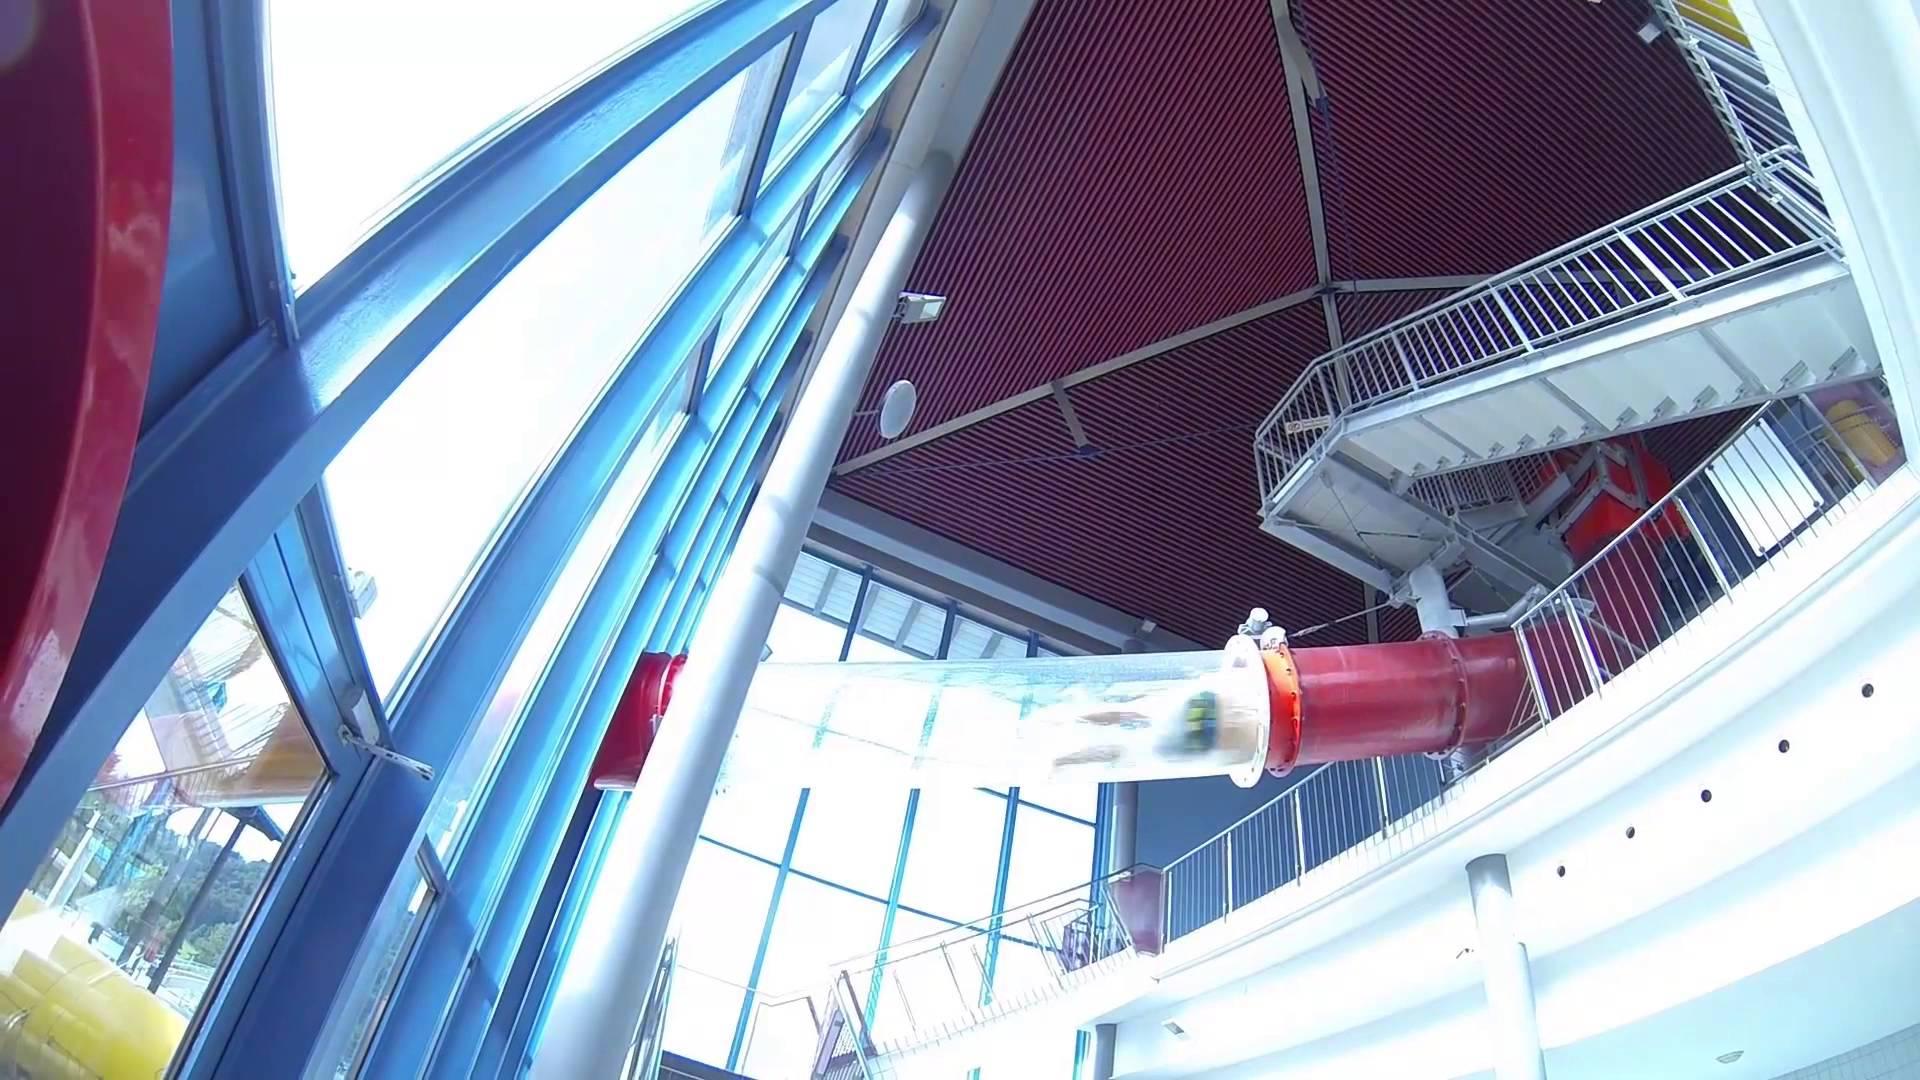 Badkap Albstadt - The Rocket Turborutsche Onride